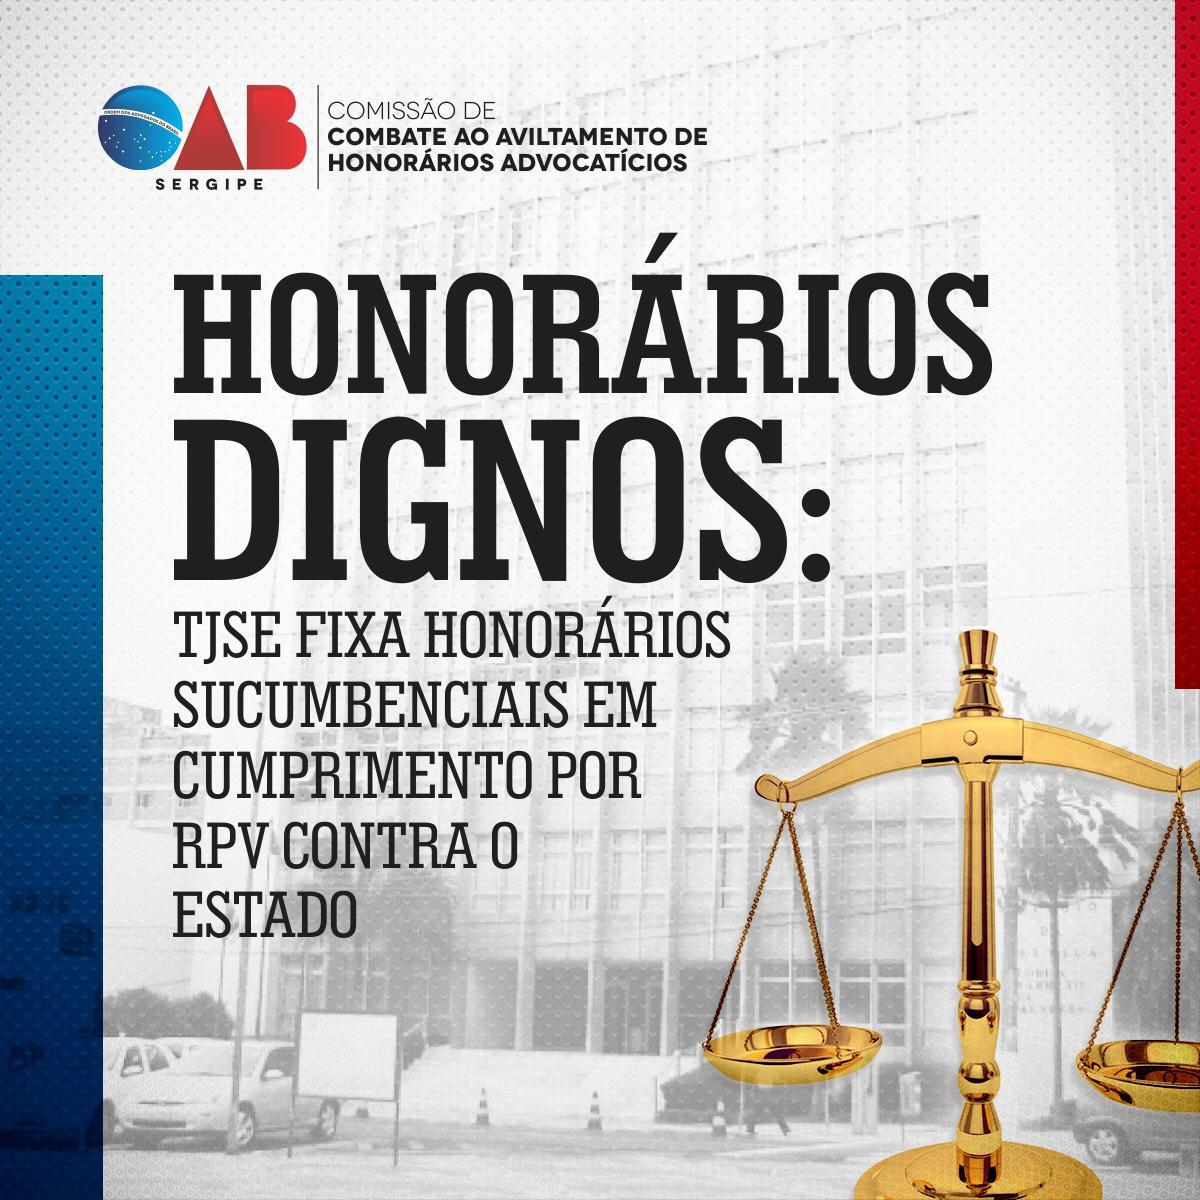 Honorários Dignos Tjse Fixa Honorários Sucumbenciais Em